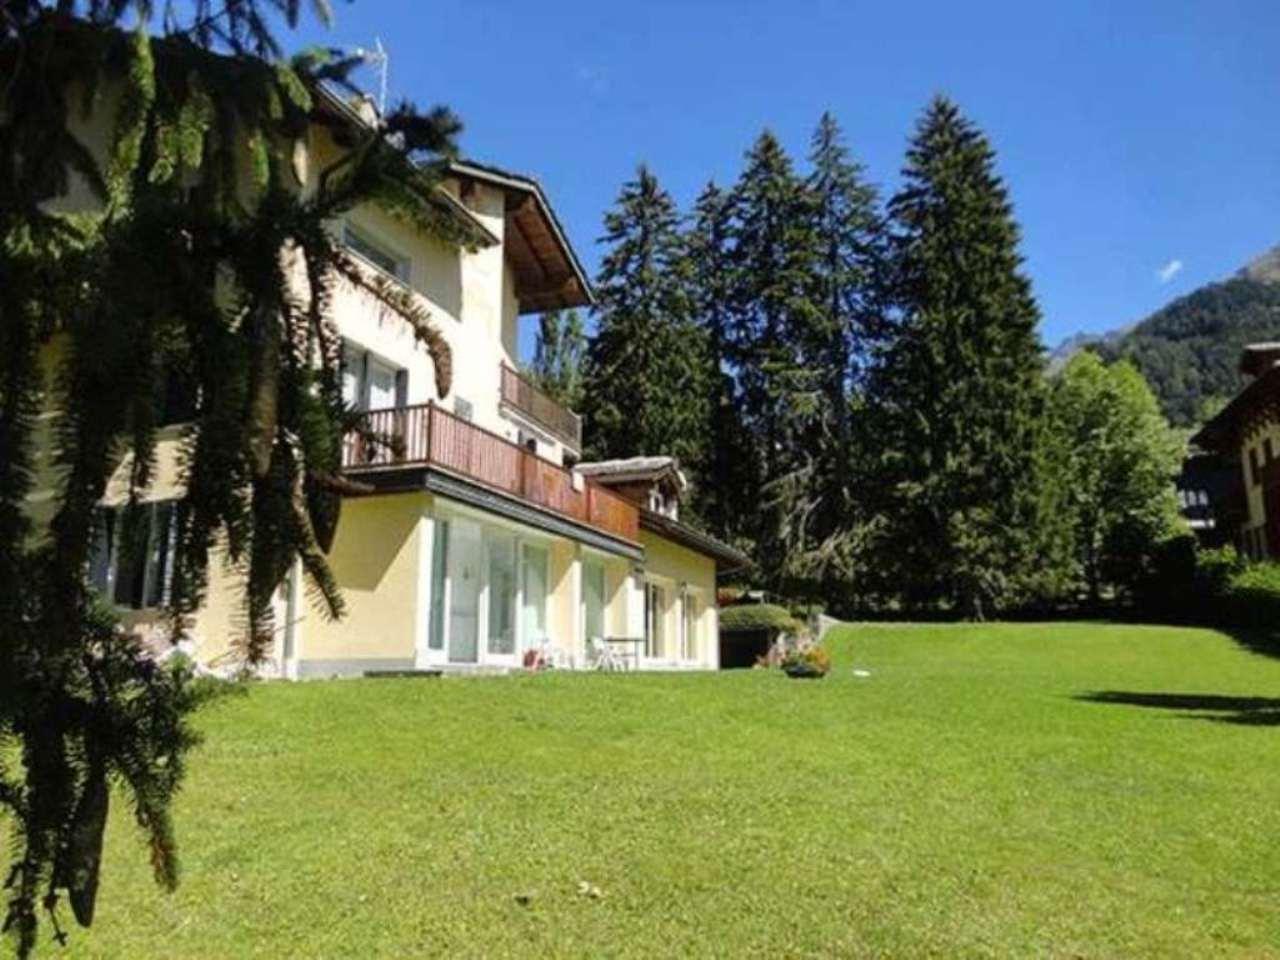 Appartamento in affitto a Courmayeur, 6 locali, Trattative riservate | Cambio Casa.it